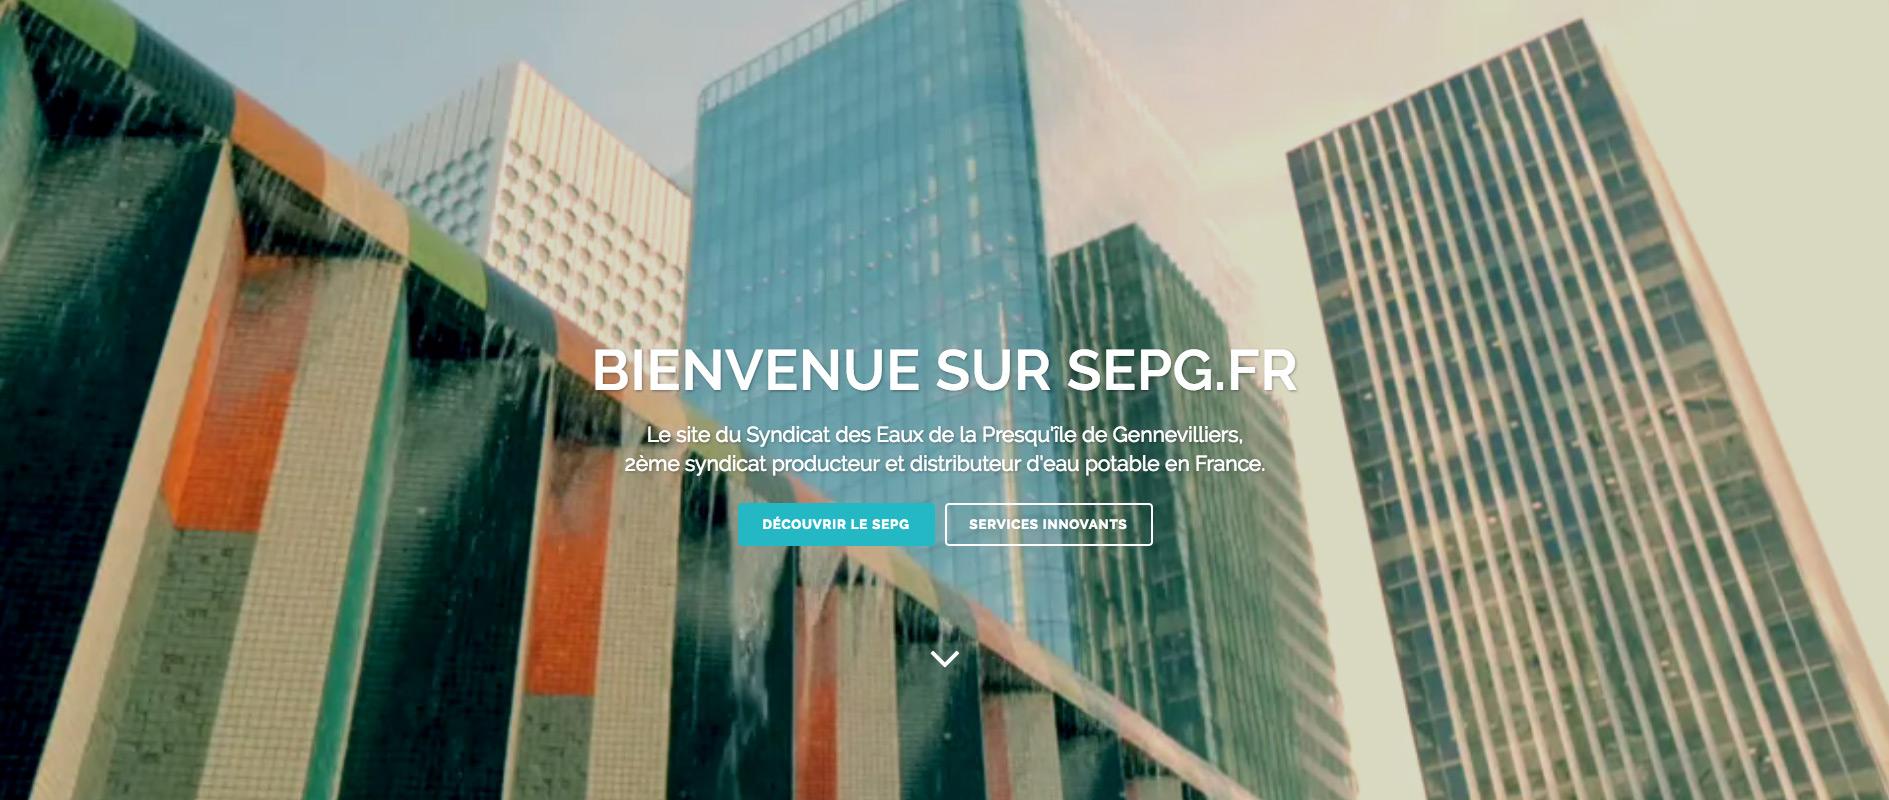 Le Syndicat des Eaux de la Presqu'île de Gennevilliers (SEPG) structure sa stratégie digitale